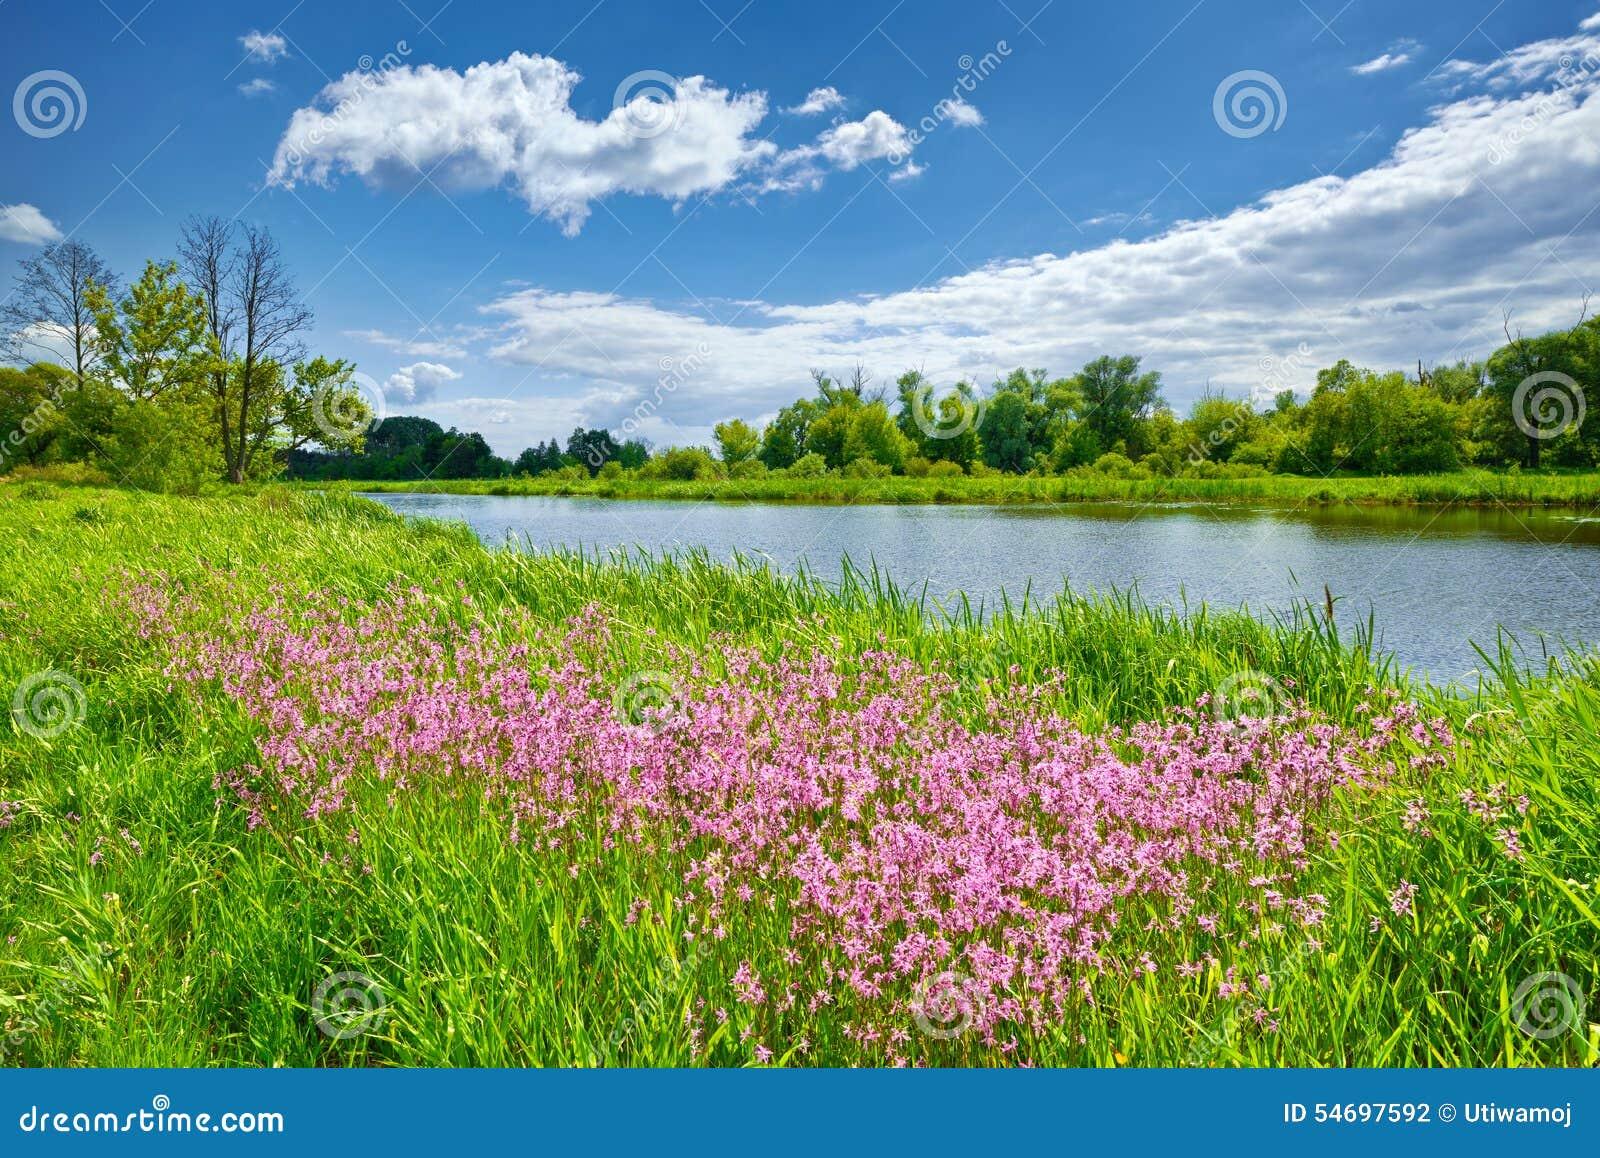 春天开花河风景蓝天云彩乡下